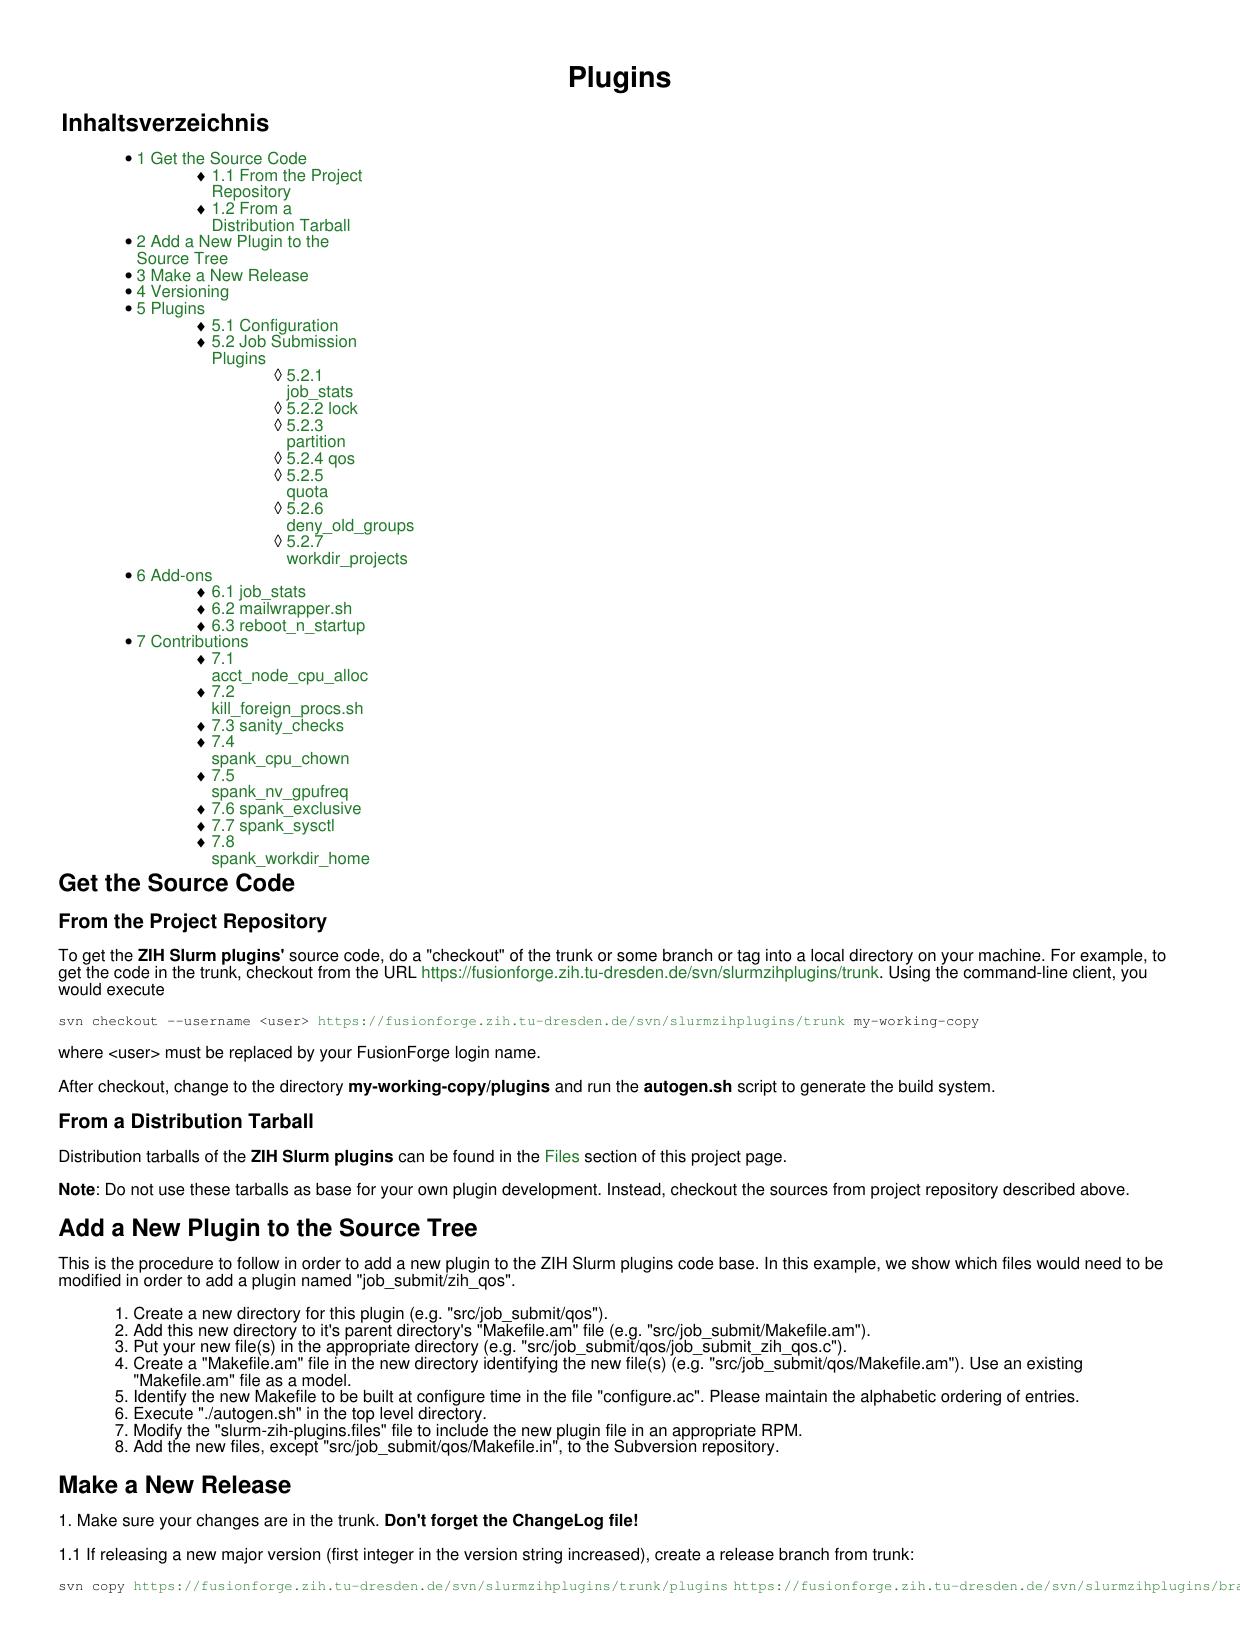 Plugins - FusionForge | manualzz com